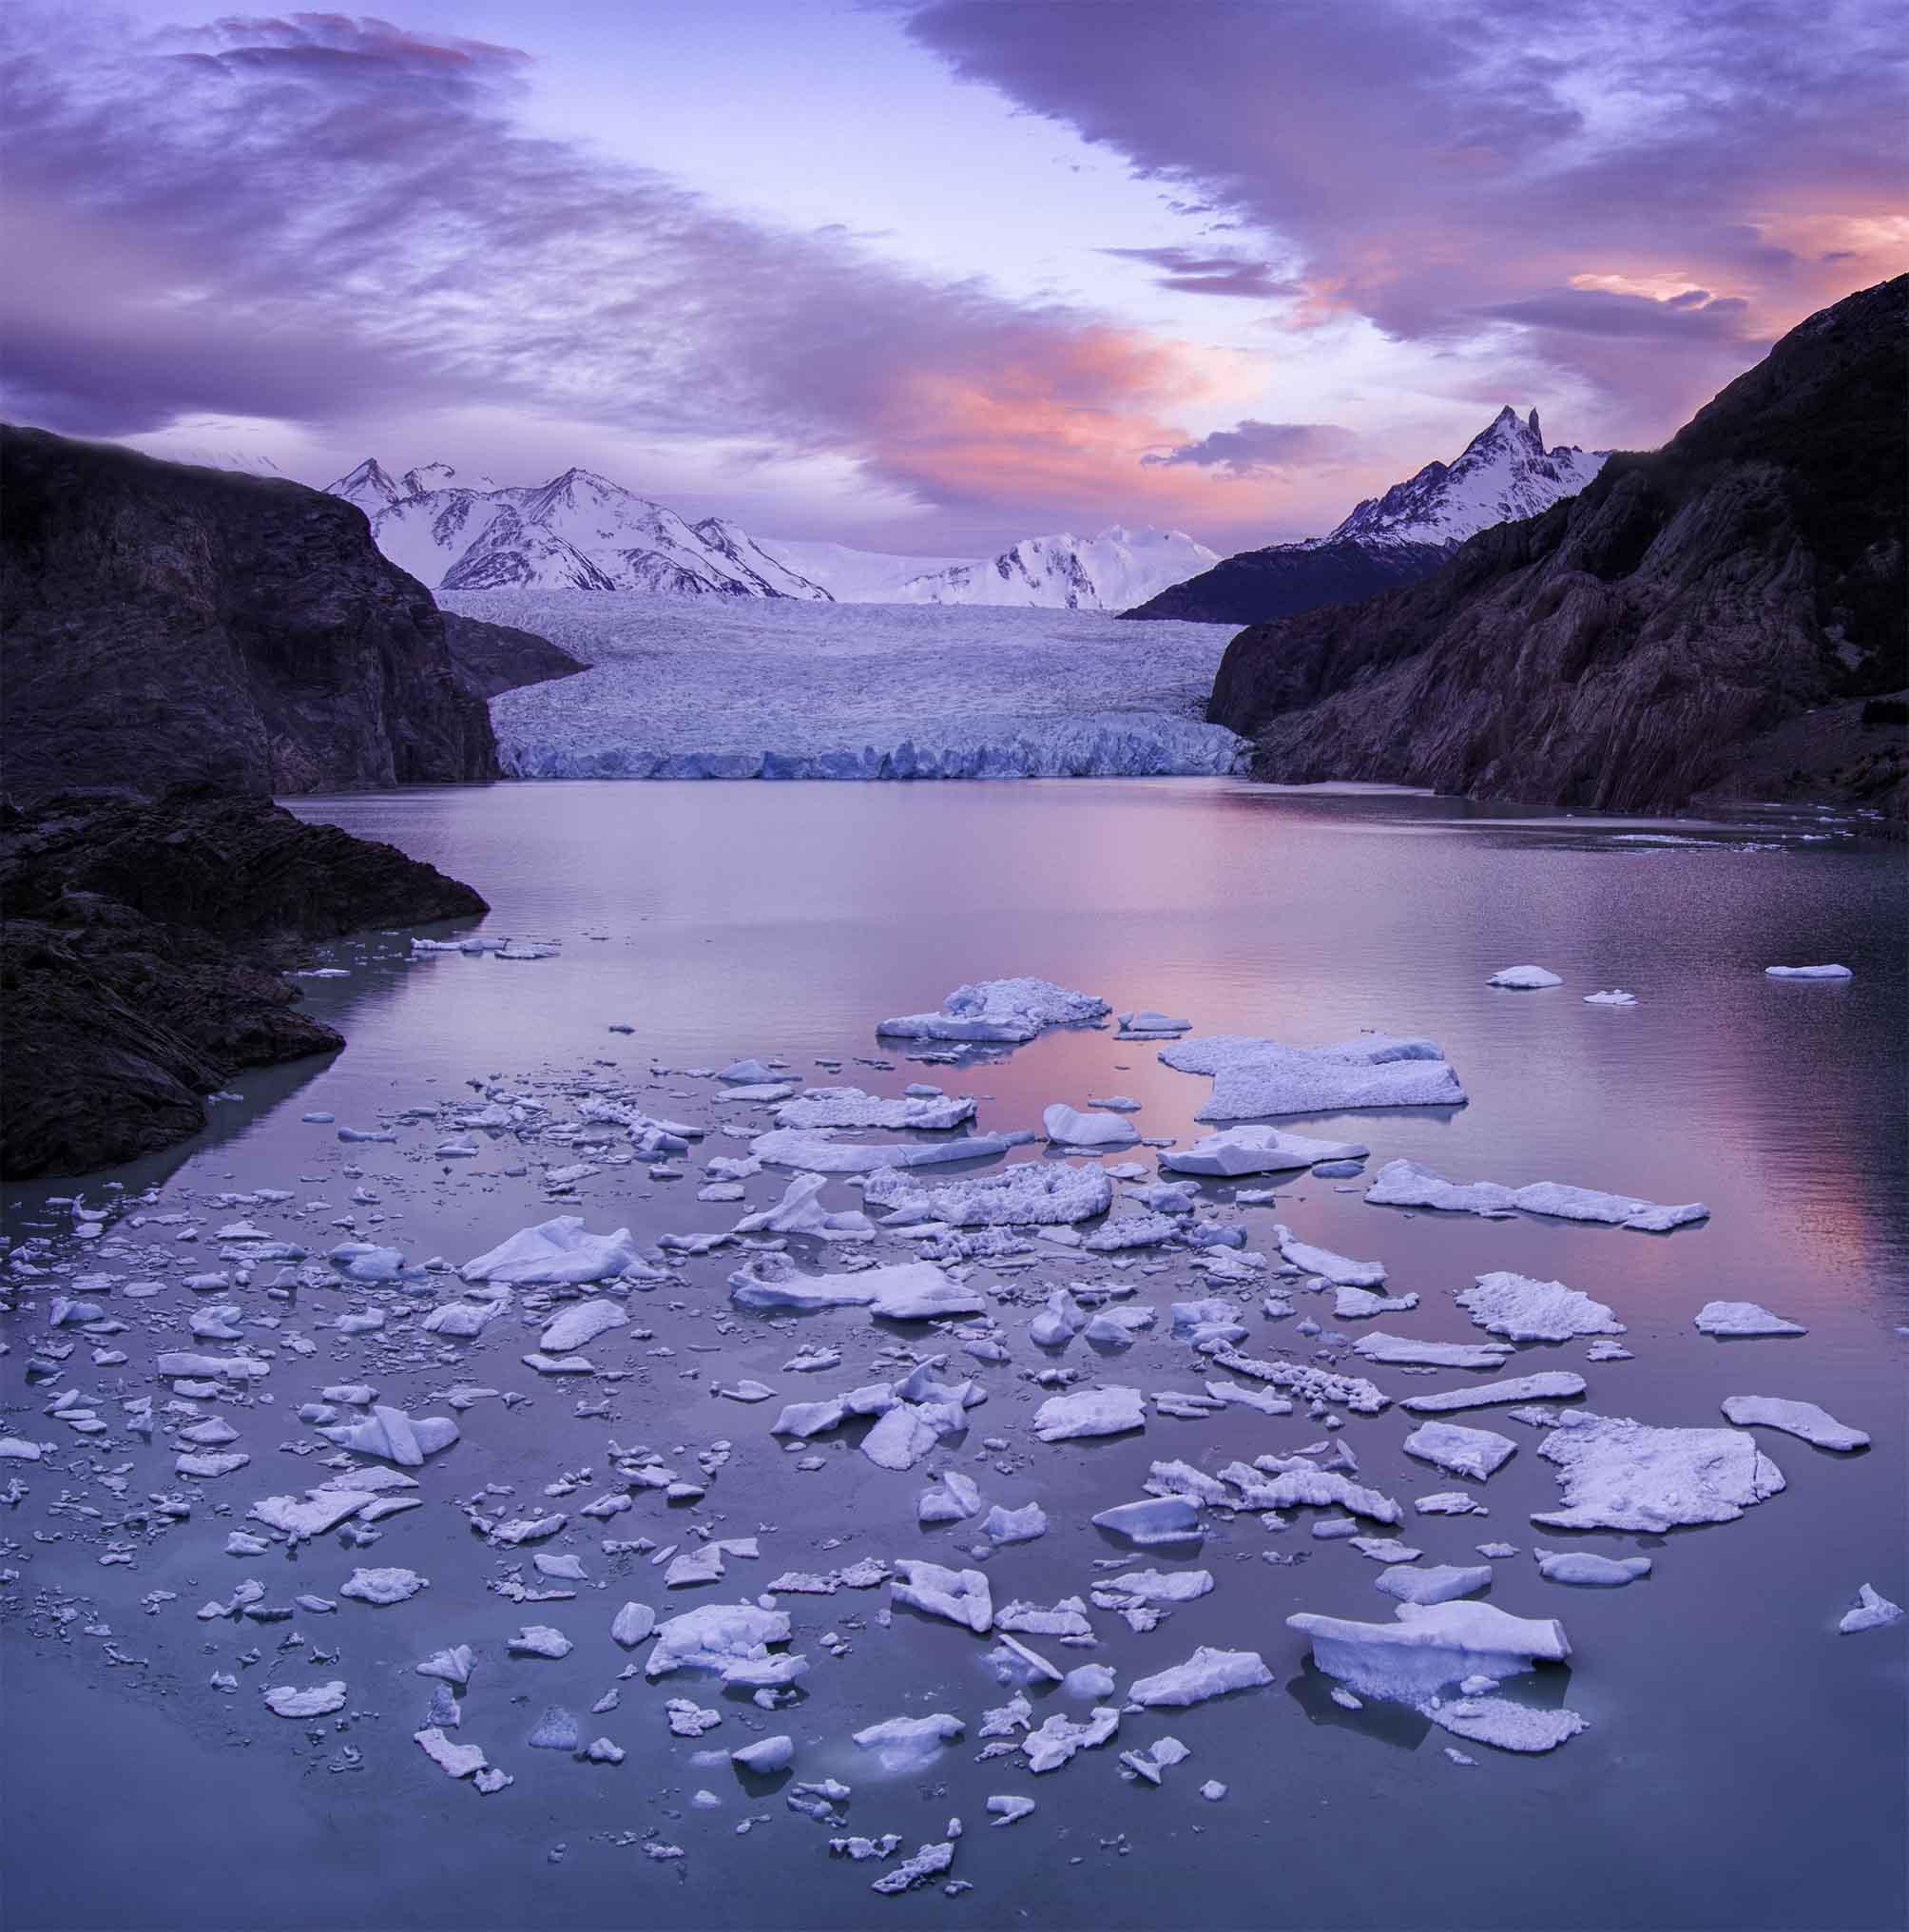 Grey Lake, Chile by Ignacio Palacios